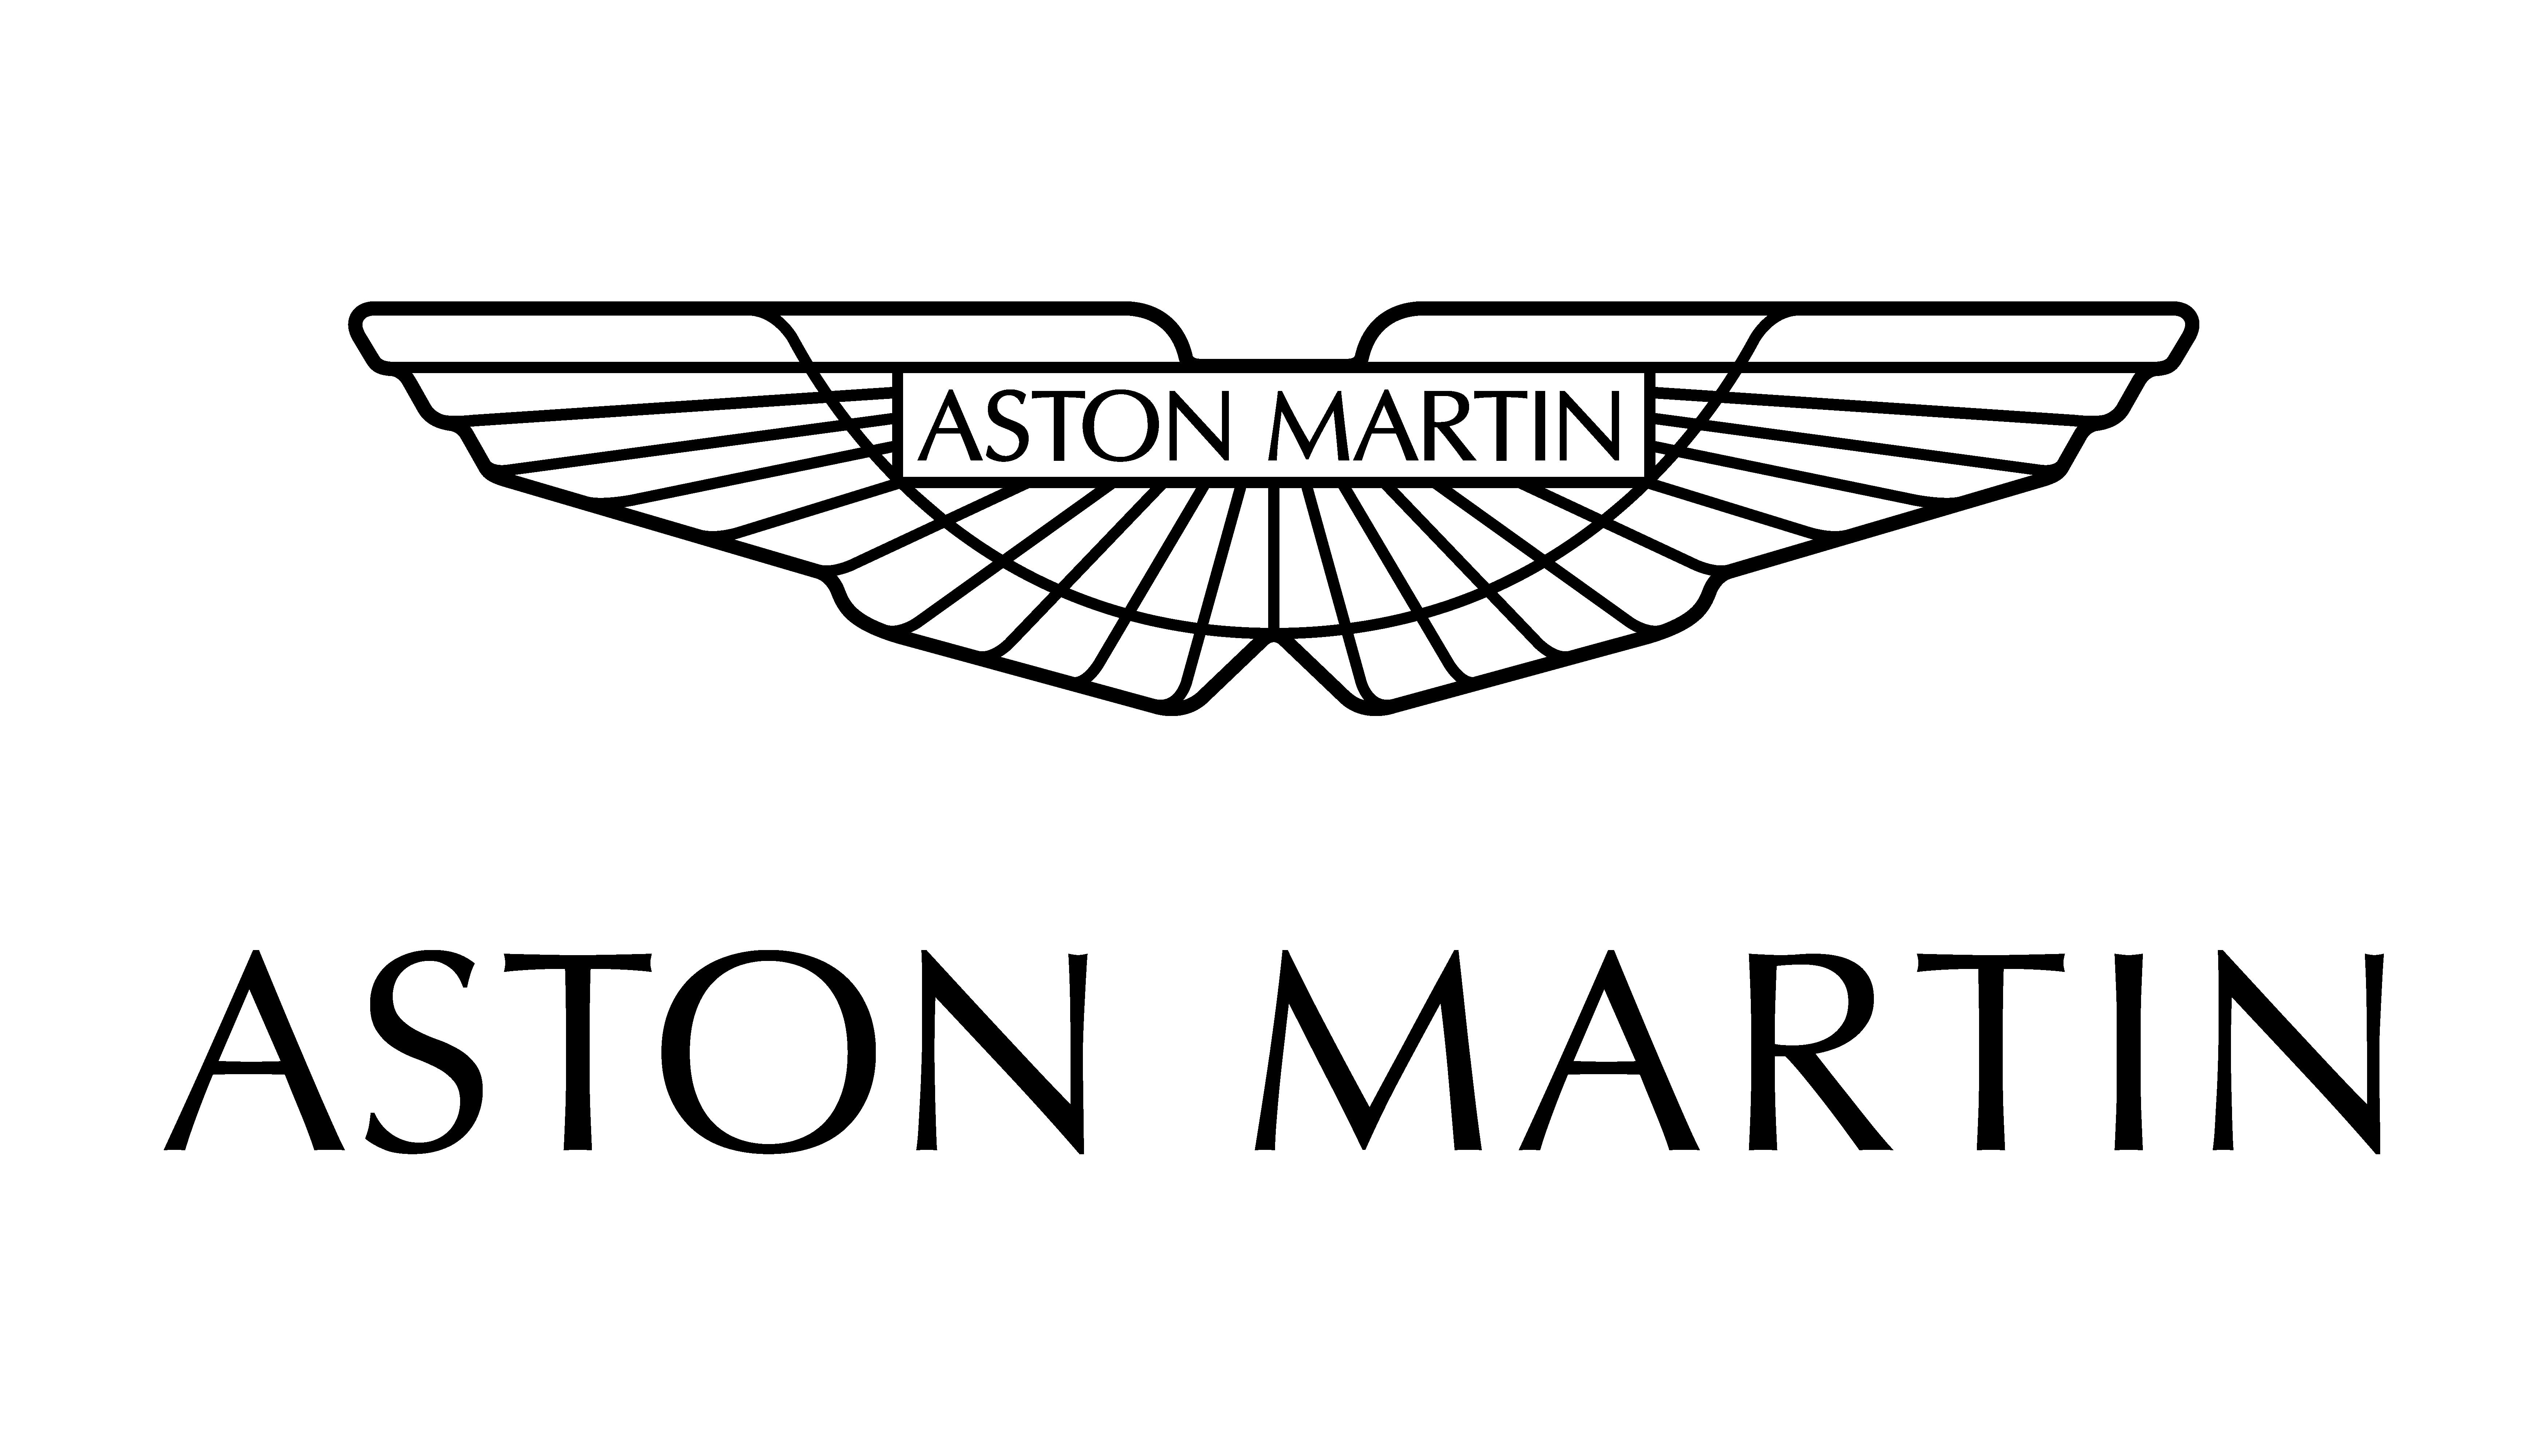 aston martin logo, hd png, meaning, information | carlogos